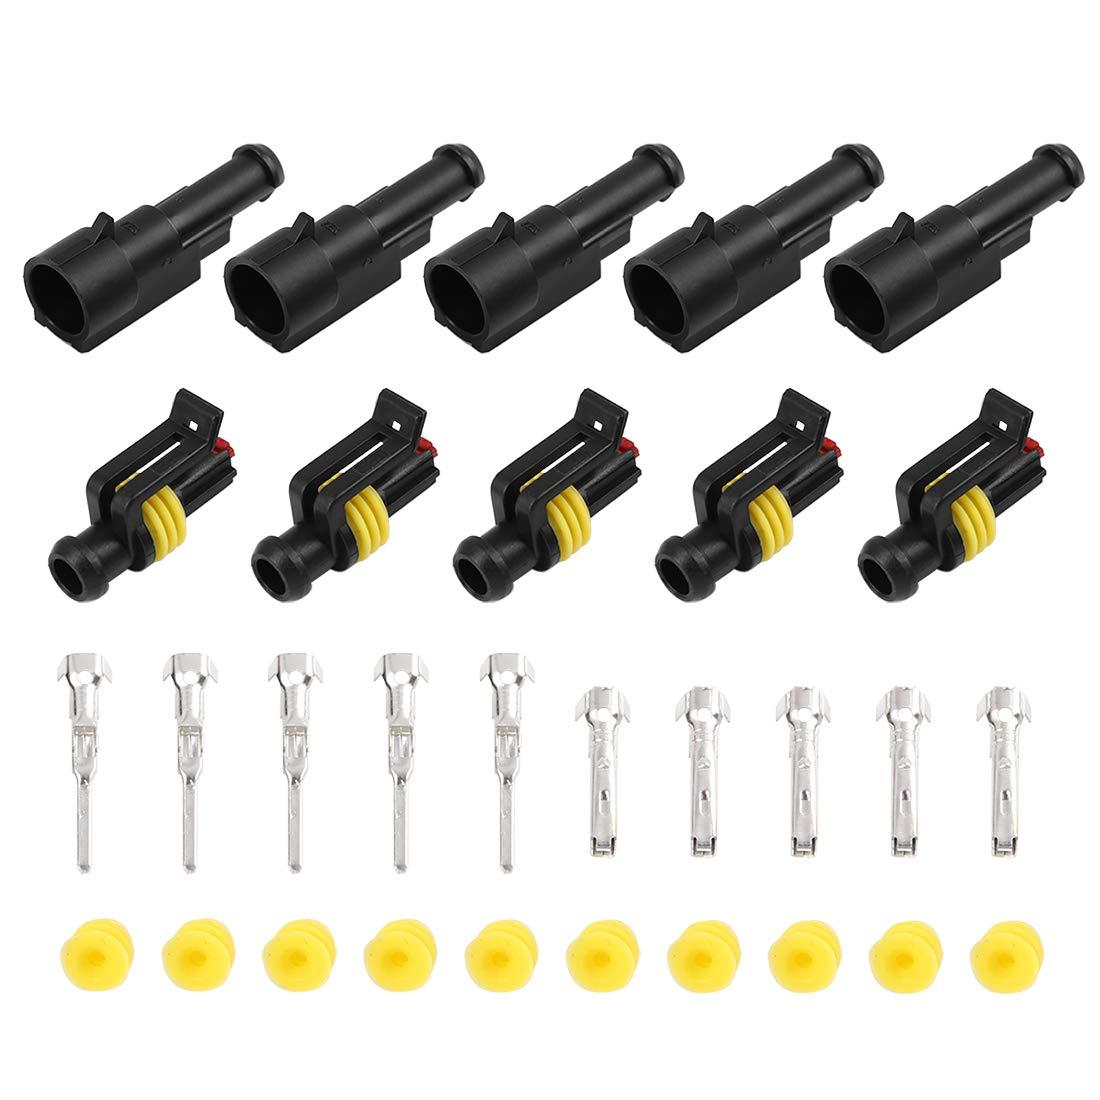 X AUTOHAUX 1 2 3 4 5 6 Broches connecteur /électrique /étanche 30 Ensembles